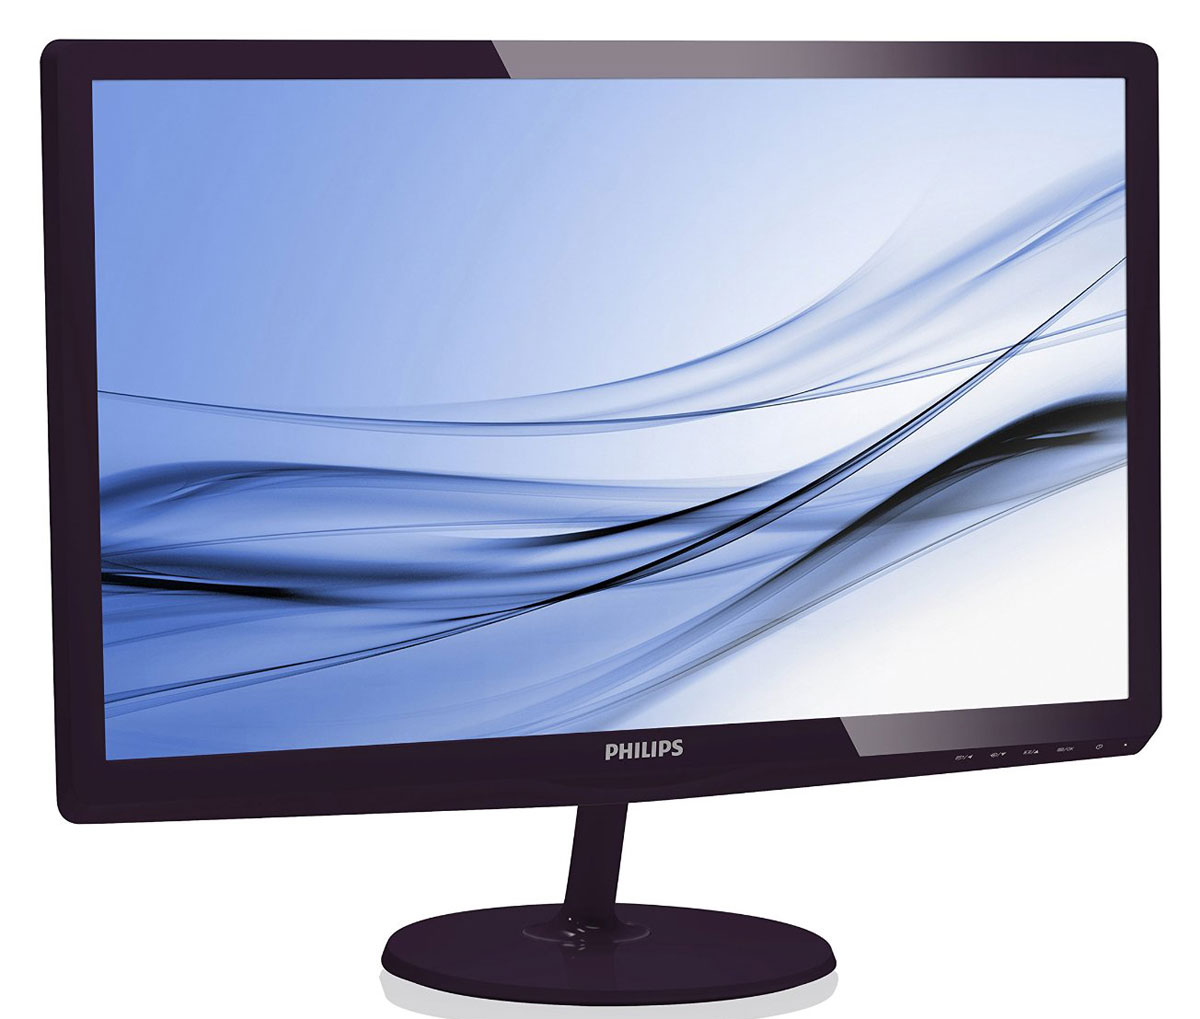 Philips 247E6QDAD (00/01), Black монитор247E6QDAD (00/01)Великолепный дисплей Philips 247E6QDAD обеспечивает потрясающее качество изображения, а изящный дизайн идеально дополнит и оживит интерьер любого дома или офиса.Технология IPS-ADS с широким углом обзора для точной передачи цветов и изображений:В IPS-ADS-дисплеях используется прогрессивная технология, обеспечивающая широкий угол обзора 178/178 градусов для просмотра дисплея практически под любым углом. По сравнению со стандартными TN-панелями IPS-ADS-дисплеи обеспечивают значительно более высокую четкость изображения и яркие цвета, что делает их идеальным решением не только для просмотра фотографий, фильмов и веб-сайтов, но также и для работы в профессиональных приложениях, где требуется точная передача цвета и яркости.Дисплей 16:9 Full HD для четкого и детального изображения:ЖК-дисплей Full HD имеет разрешение 1920x1080р — самое высокое из всех разрешений HD-источников, обеспечивающее изображение наилучшего качества. Это настоящий дисплей будущего, который может принимать сигналы с разрешением 1080р со всех источников, включая самые современные, такие как Blu-ray и современные игровые приставки HD. Значительно улучшенная обработка сигнала позволяет поддерживать его более высокое качество и разрешение. Все это создает великолепное изображение с прогрессивной разверткой без мерцания и потрясающими цветами и яркостью.SmartContrast для глубоких оттенков черного и повышенной детализации:SmartContrast — технология Philips, которая анализирует отображаемый контент и автоматически настраивает цвета и интенсивность подсветки для динамичного улучшения контраста. Тем самым обеспечивается оптимальный уровень контрастности и наилучшее качество цифрового изображения, а также большая насыщенность темных оттенков, что особенно важно во время игр. При выборе экономичного режима уровень контрастности регулируется, а подсветка настраивается для оптимальной работы со стандартными офисными приложениями и экономии электроэнергии.Со